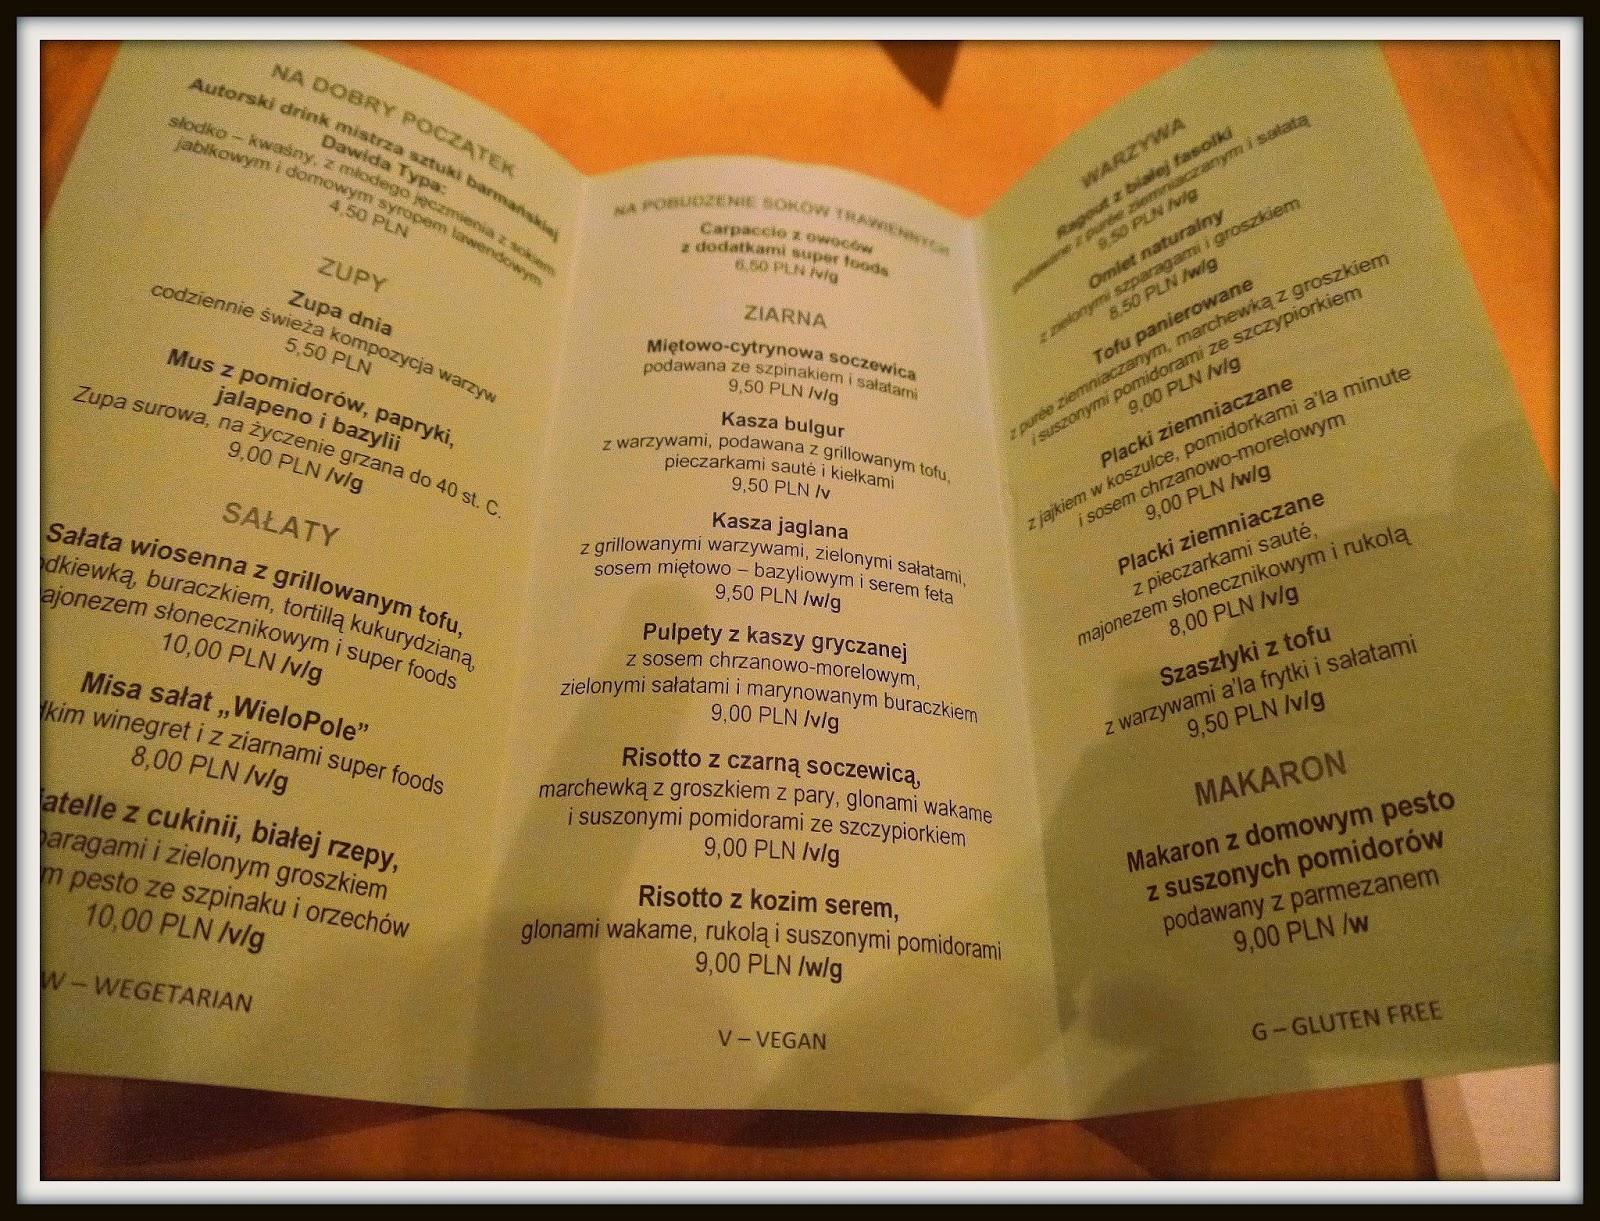 Wielopole 3, restauracja wegetariańska, wegańska, bezglutenowa, menu